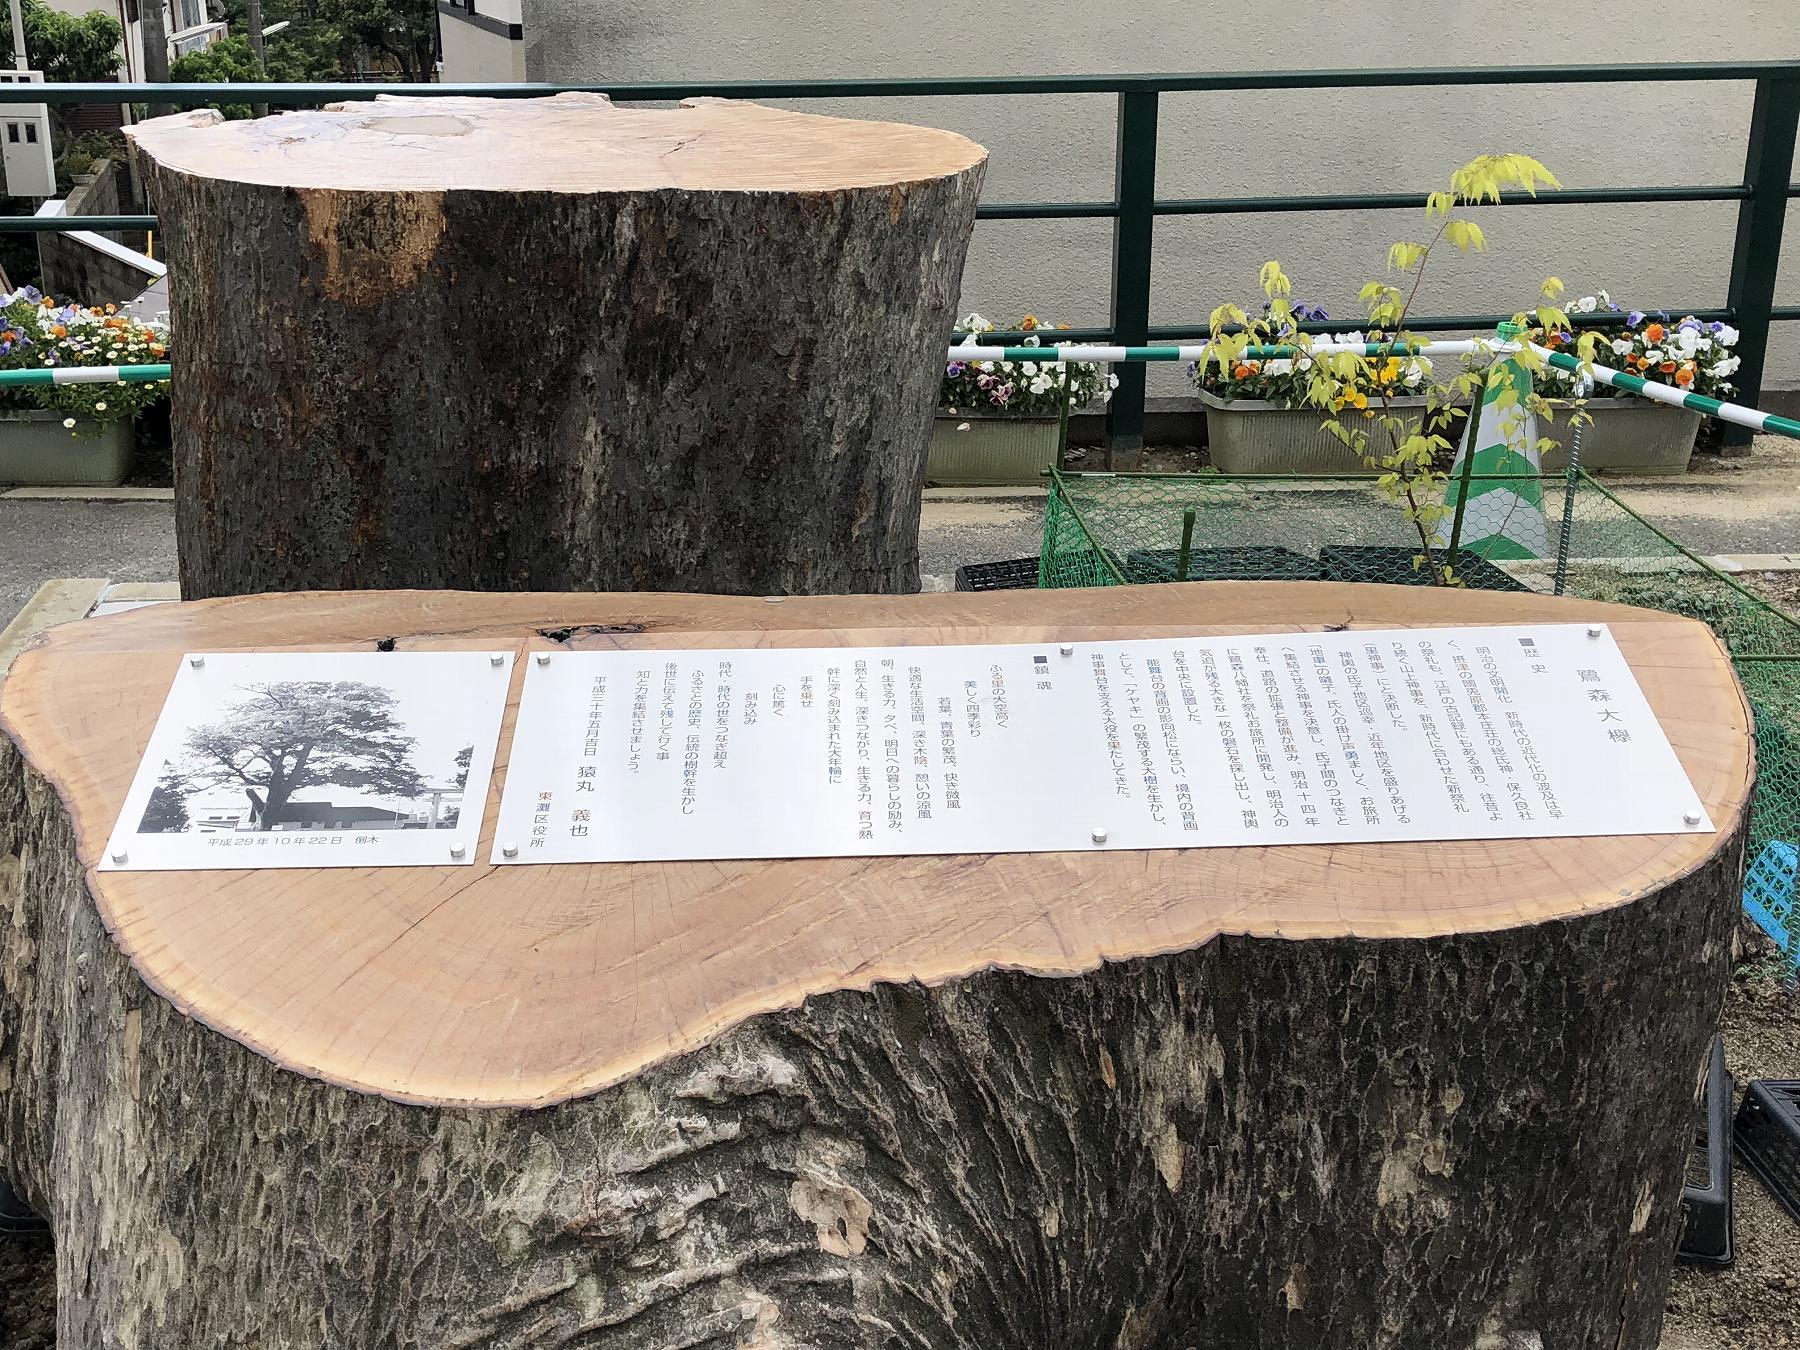 神戸・岡本にある鷺宮八幡神社の「鷺の森のケヤキ」二世の植樹と切り株のモニュメントをご紹介するよ #鷺宮八幡神社 #阪急岡本 #鷺の森のケヤキ